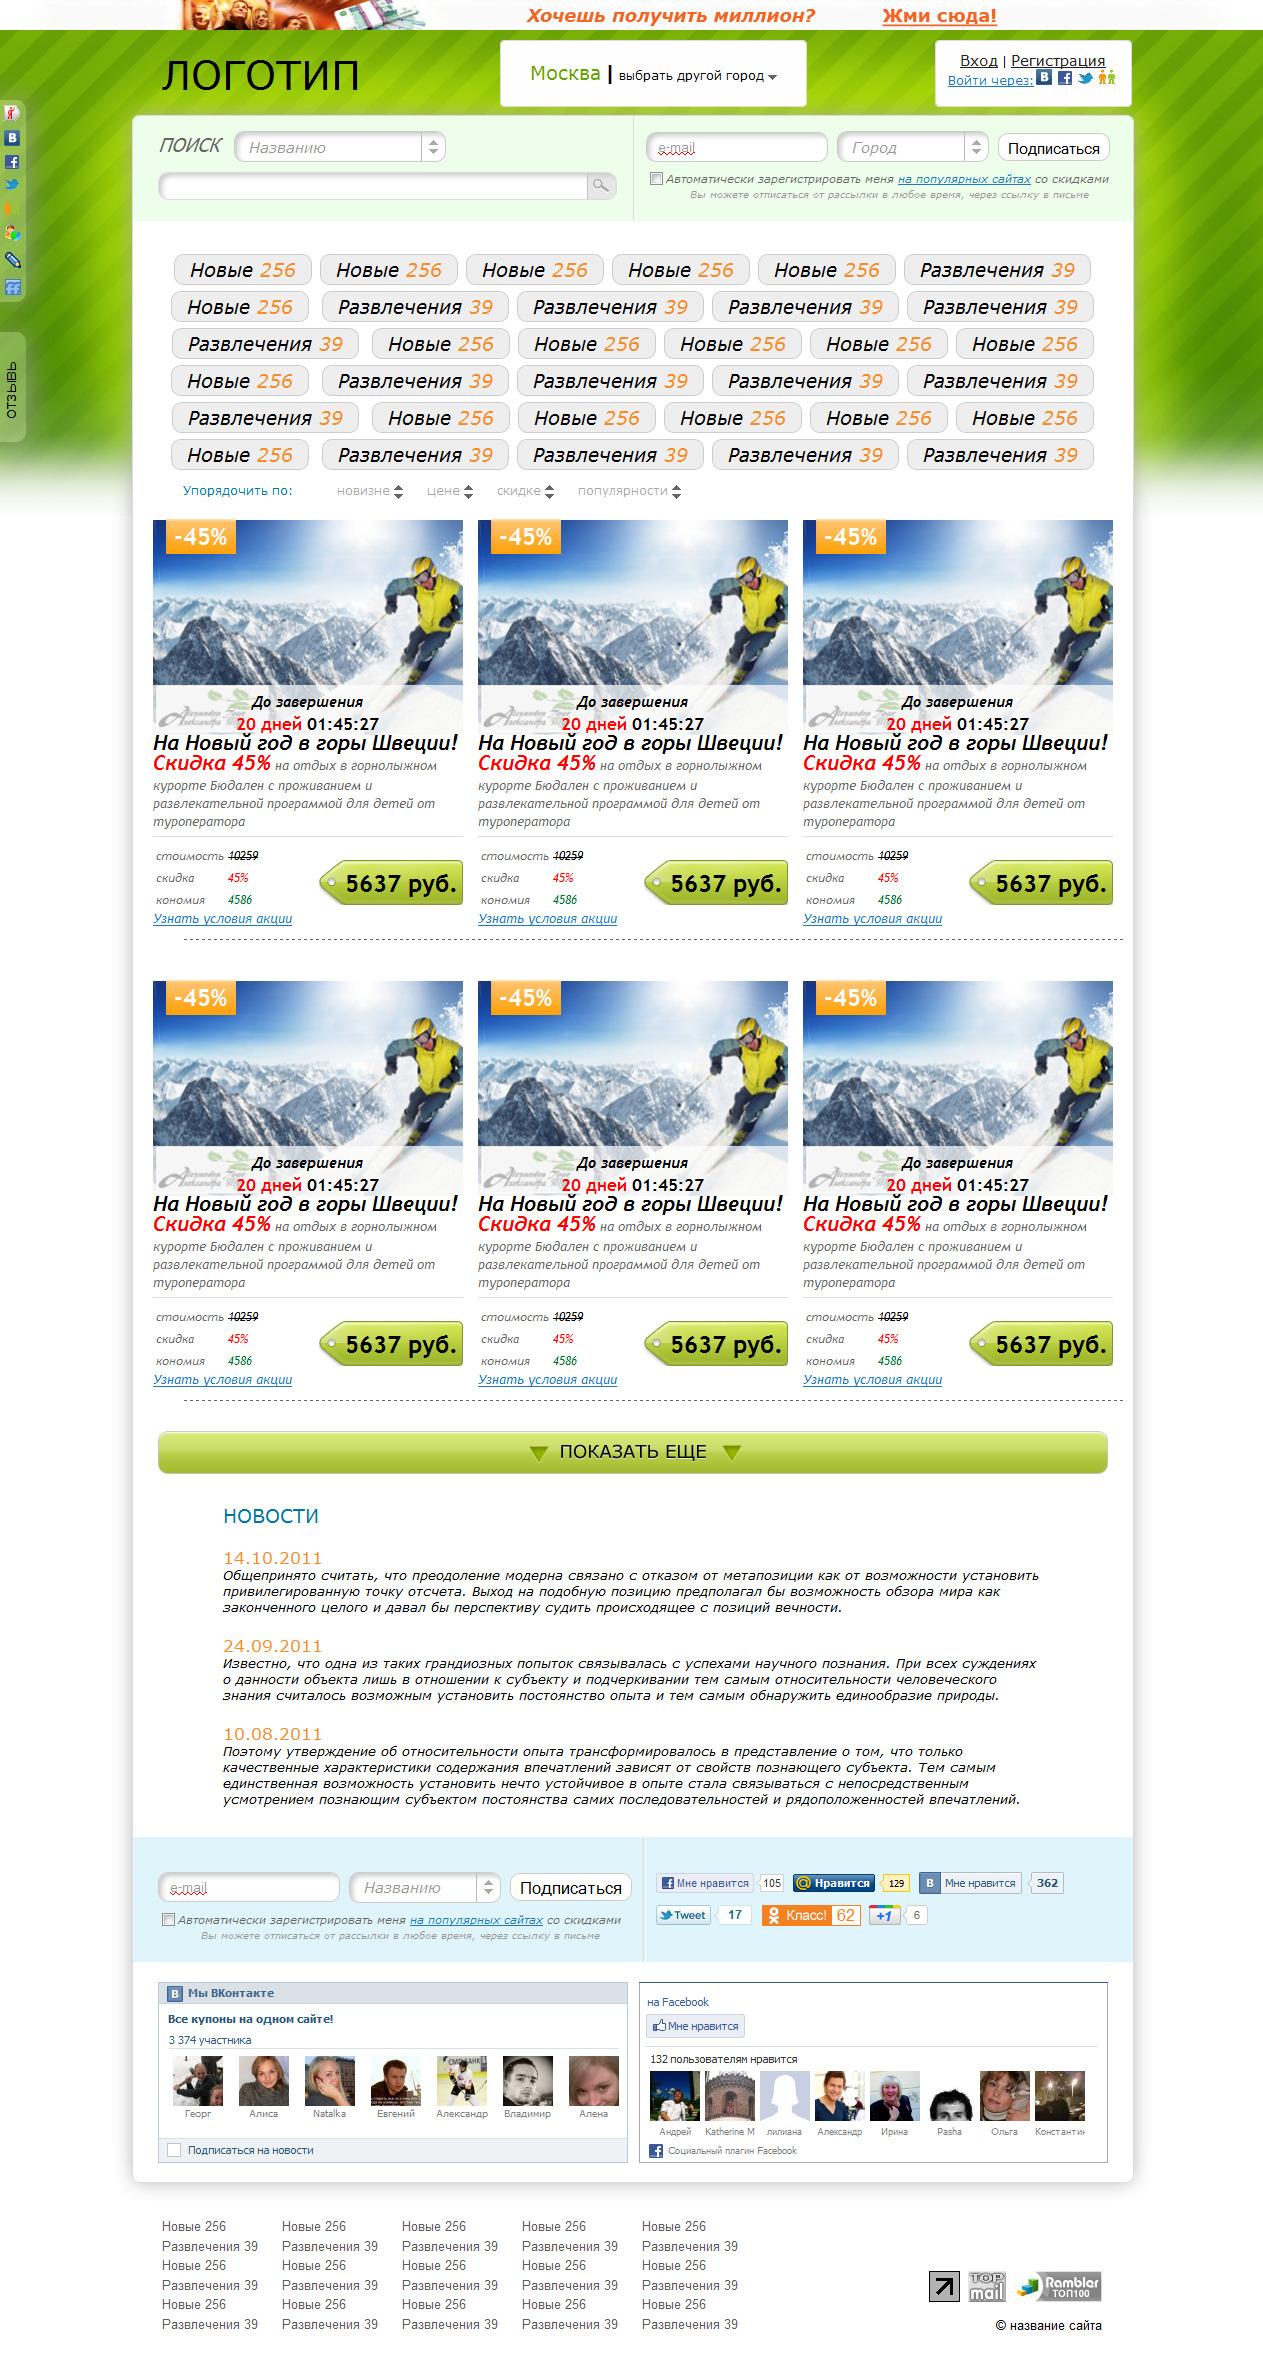 Верстка макетов сайта со скидками. главная